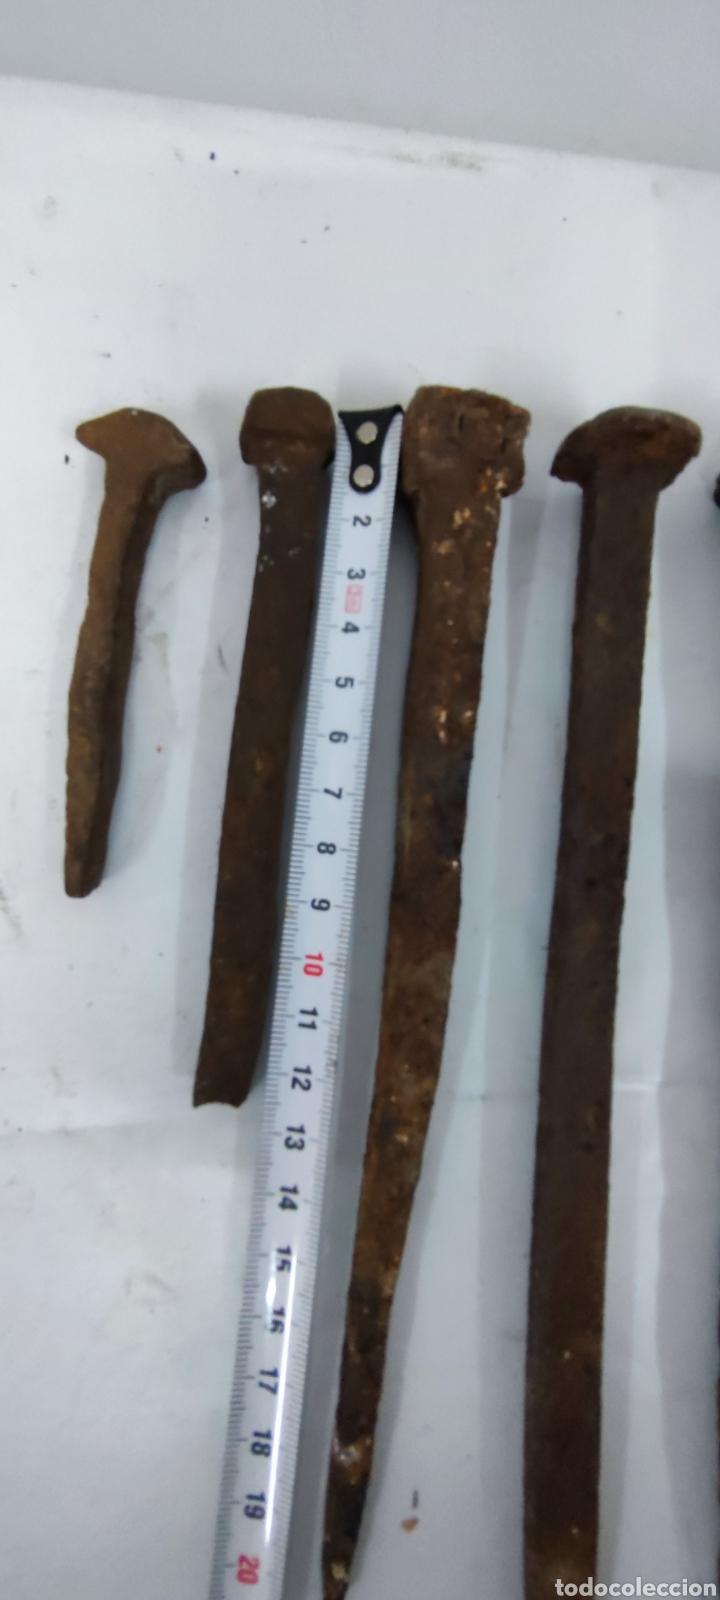 Antigüedades: Lote clavos antiguos - Foto 5 - 285618448